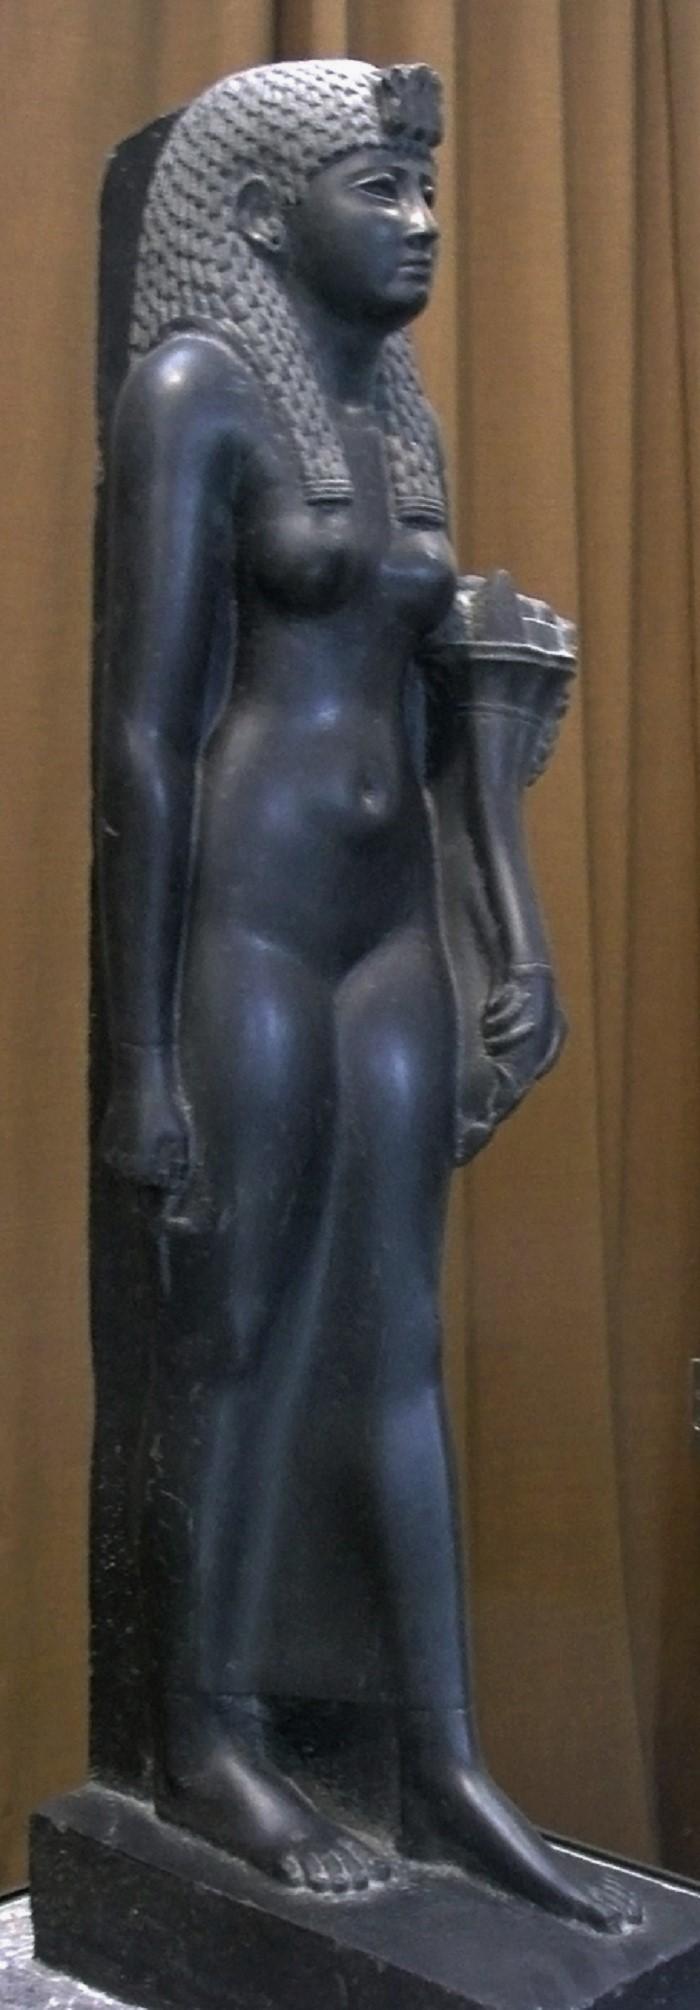 Kleopatraa esittävä patsas, jossa hänet on kuvattu egyptiläisenä jumalattarena. Ensimmäisen vuosisadan loppupuolelta eKr. Hermitage Museo, Pietari.